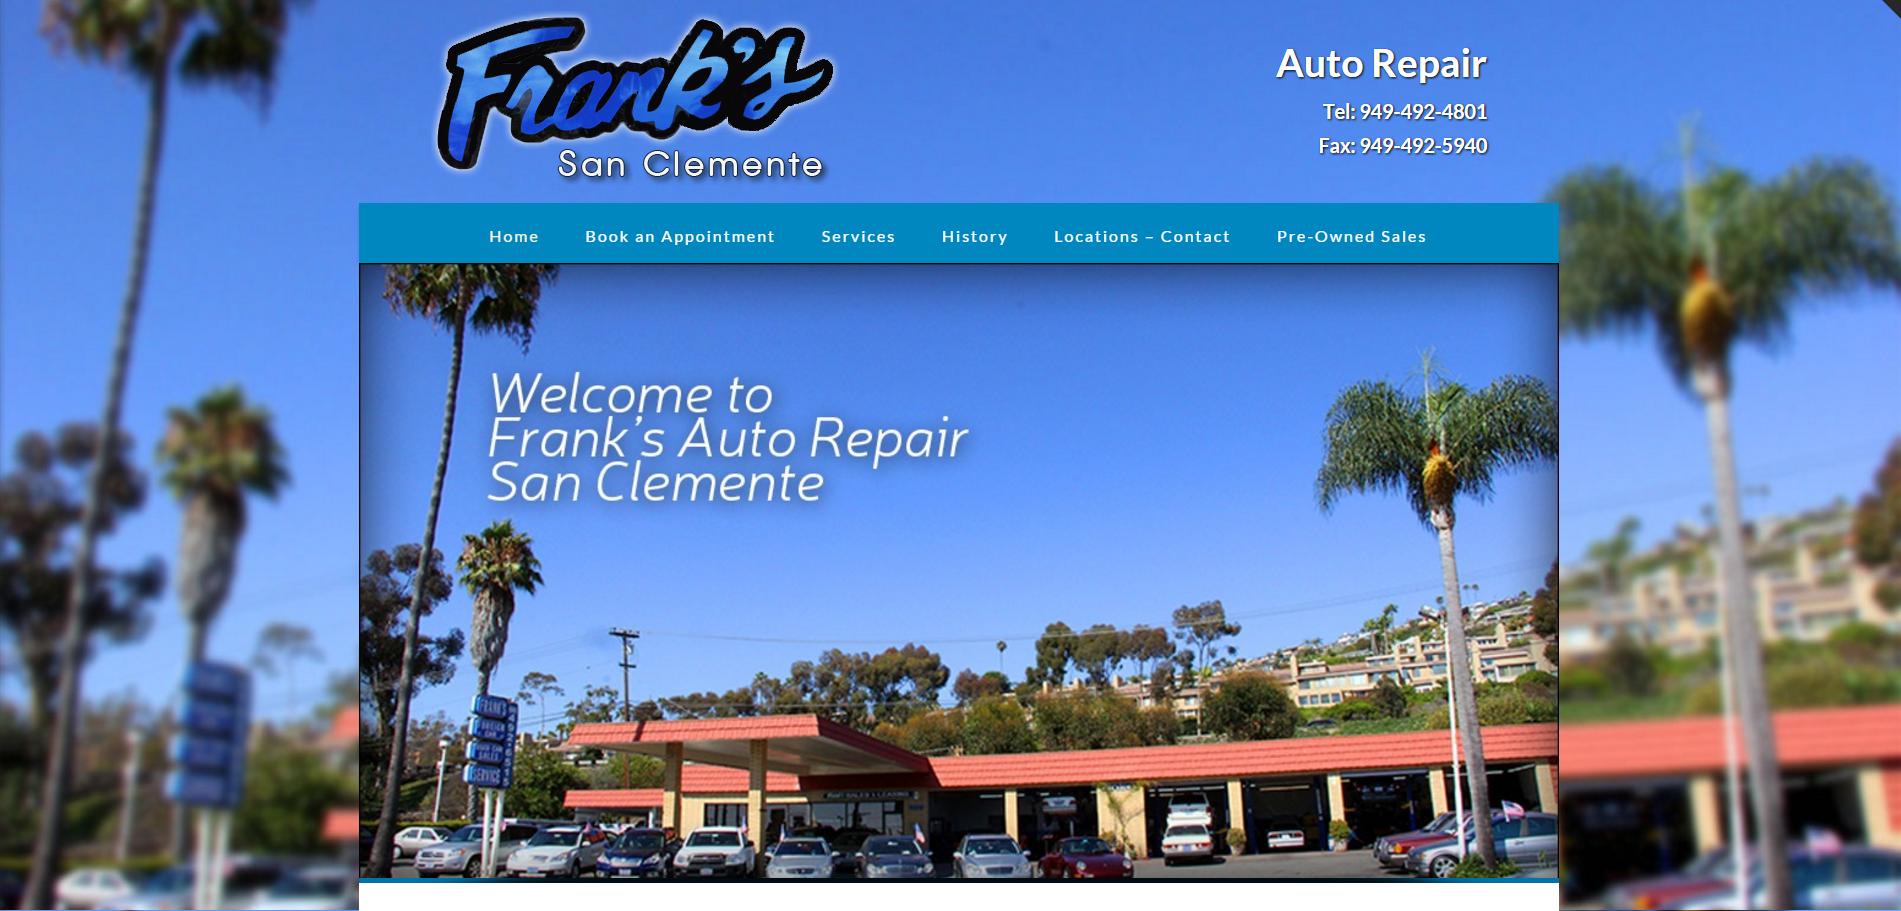 Frank's Auto Repair